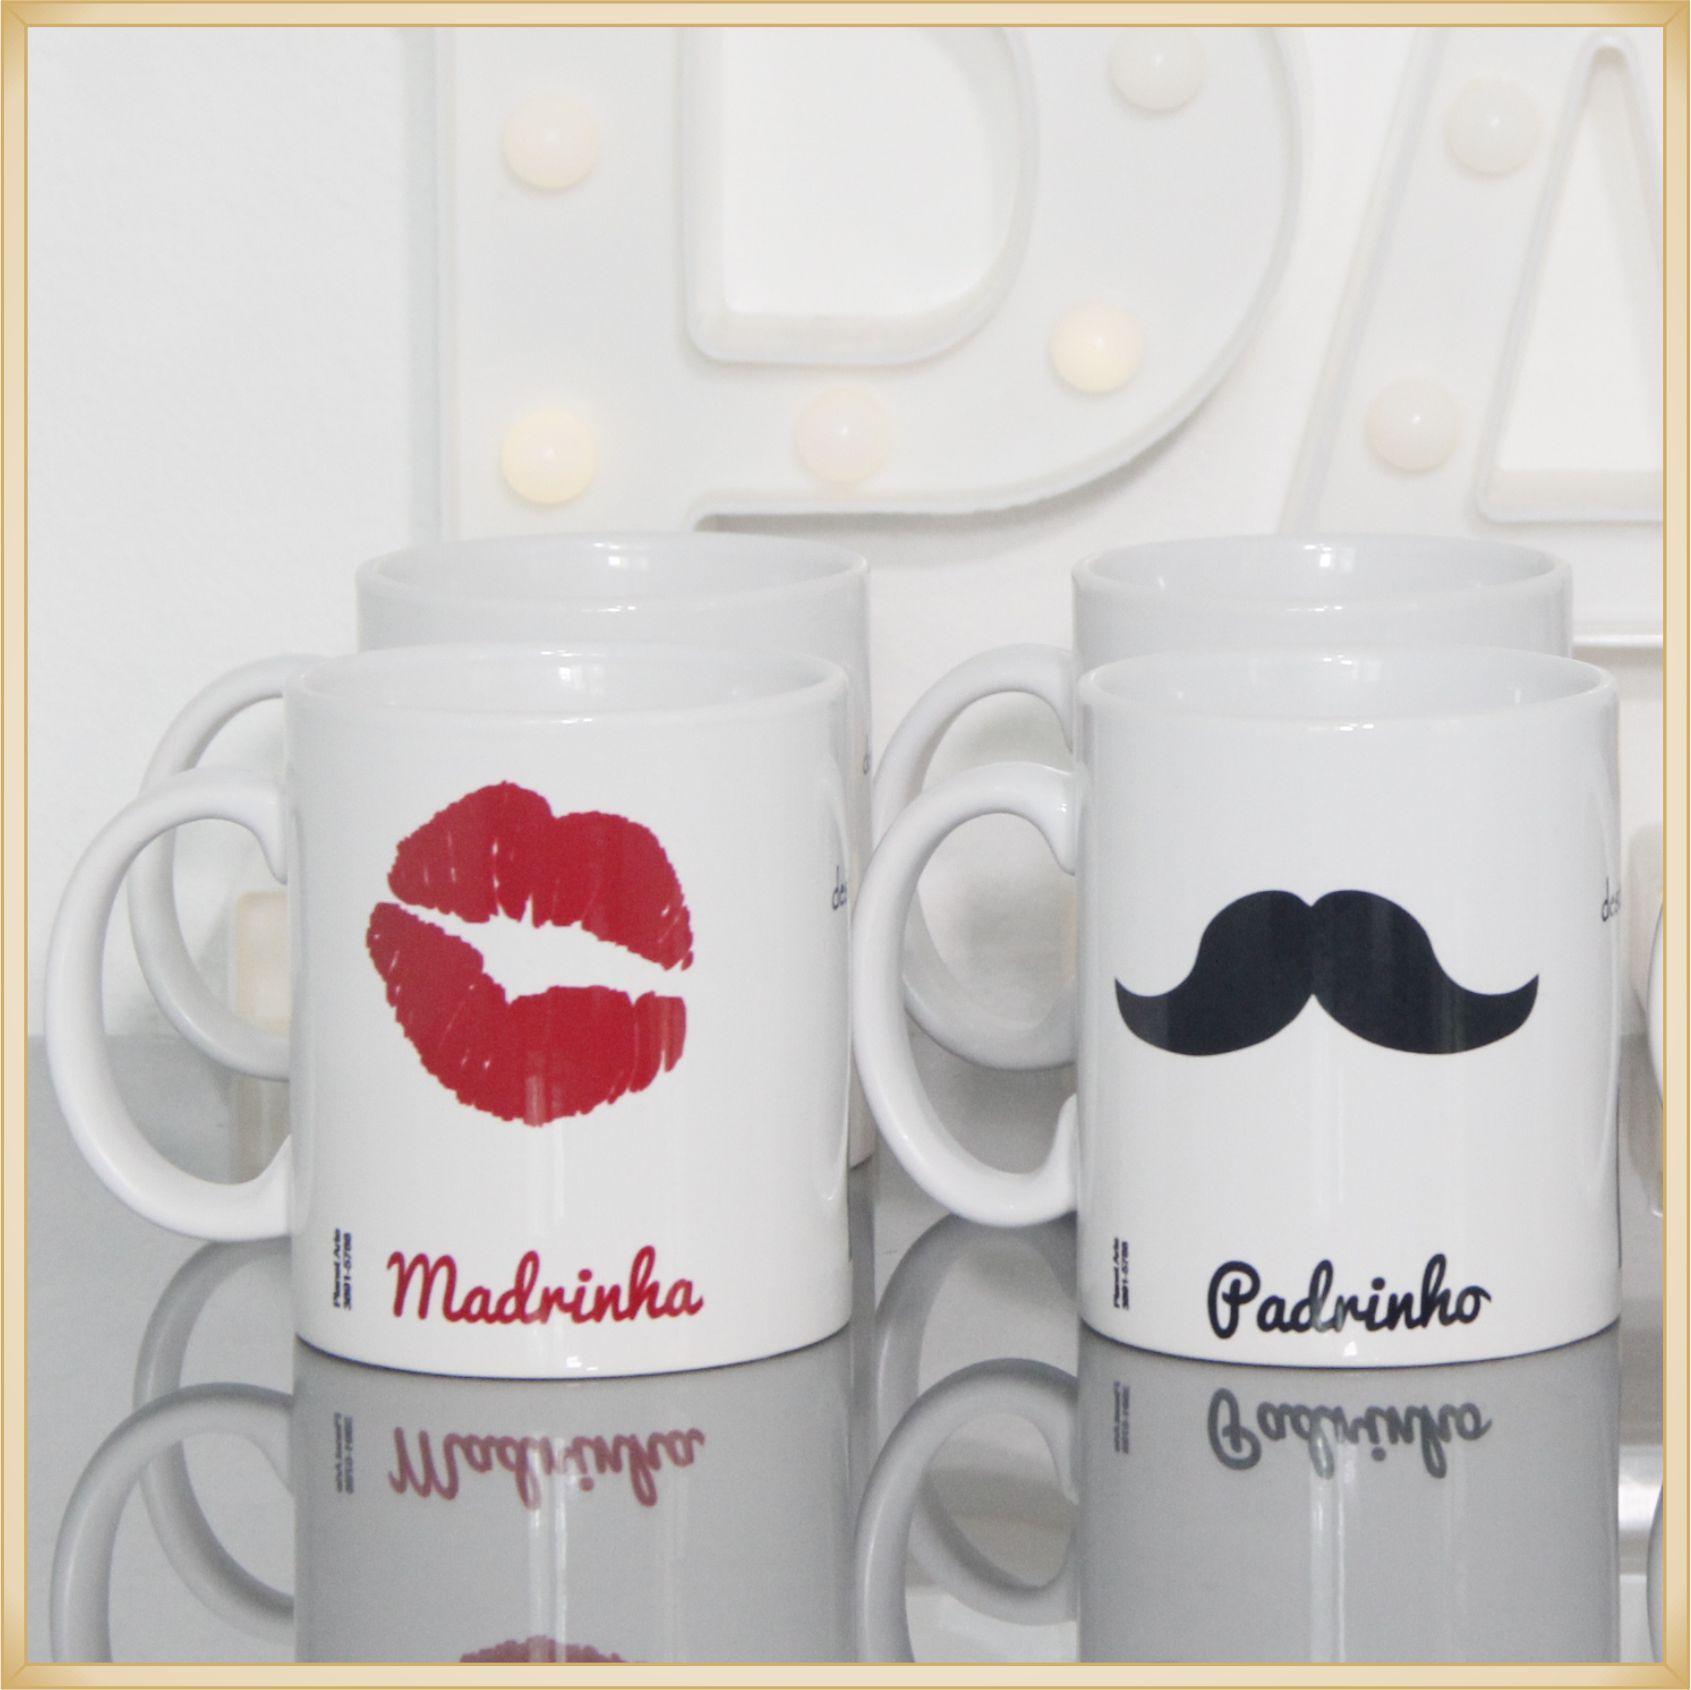 10 Canecas personalizadas de porcelana para lembrancinhas de casamento Padrinhos e Madrinhas